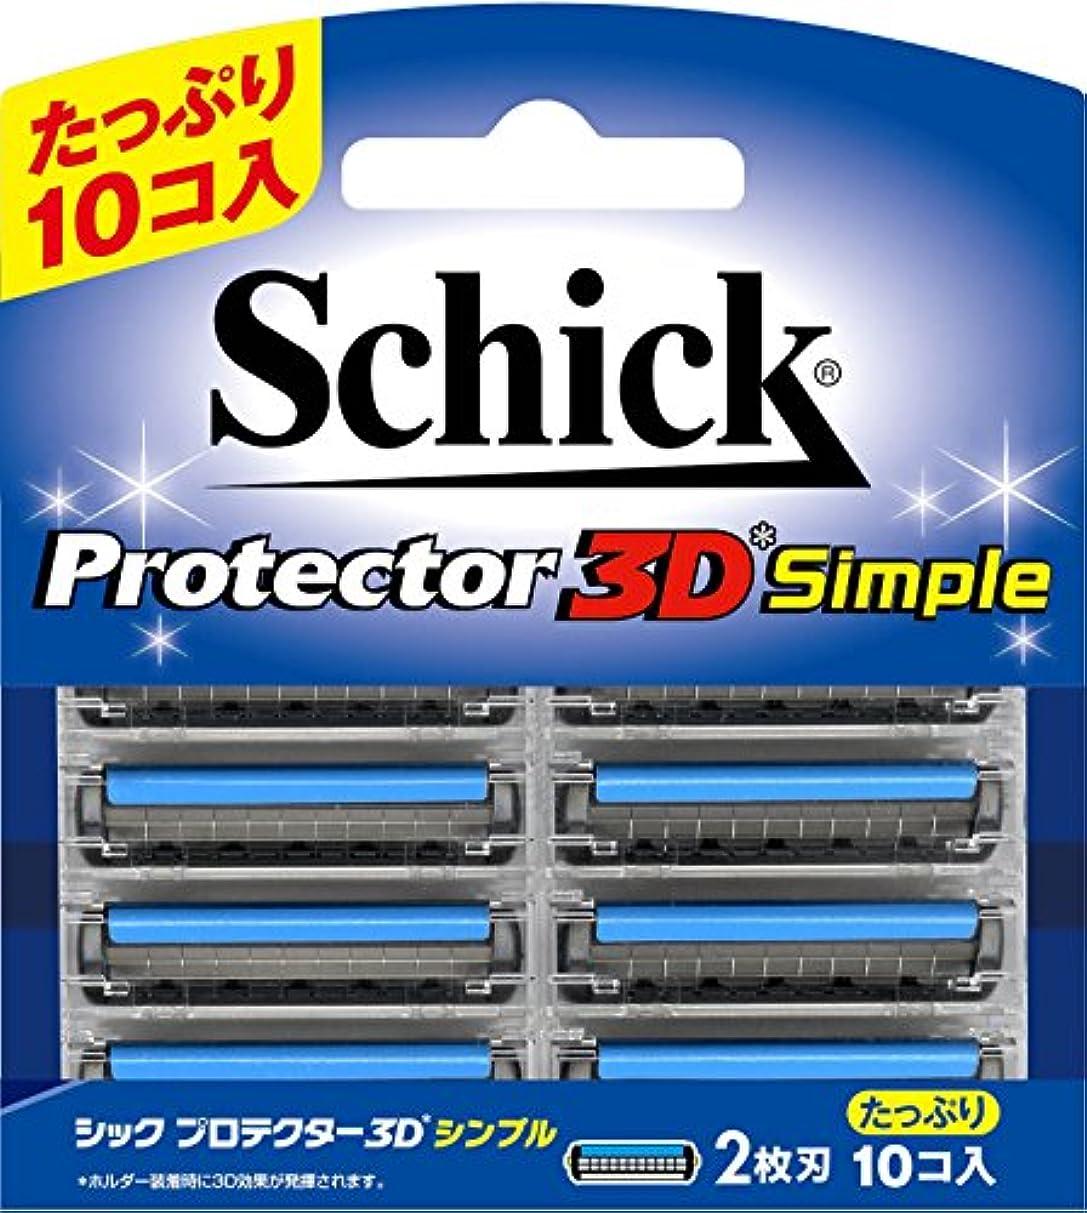 ソビエト歩行者ニックネームシック Schick プロテクター3D シンプル 替刃 (10コ入)